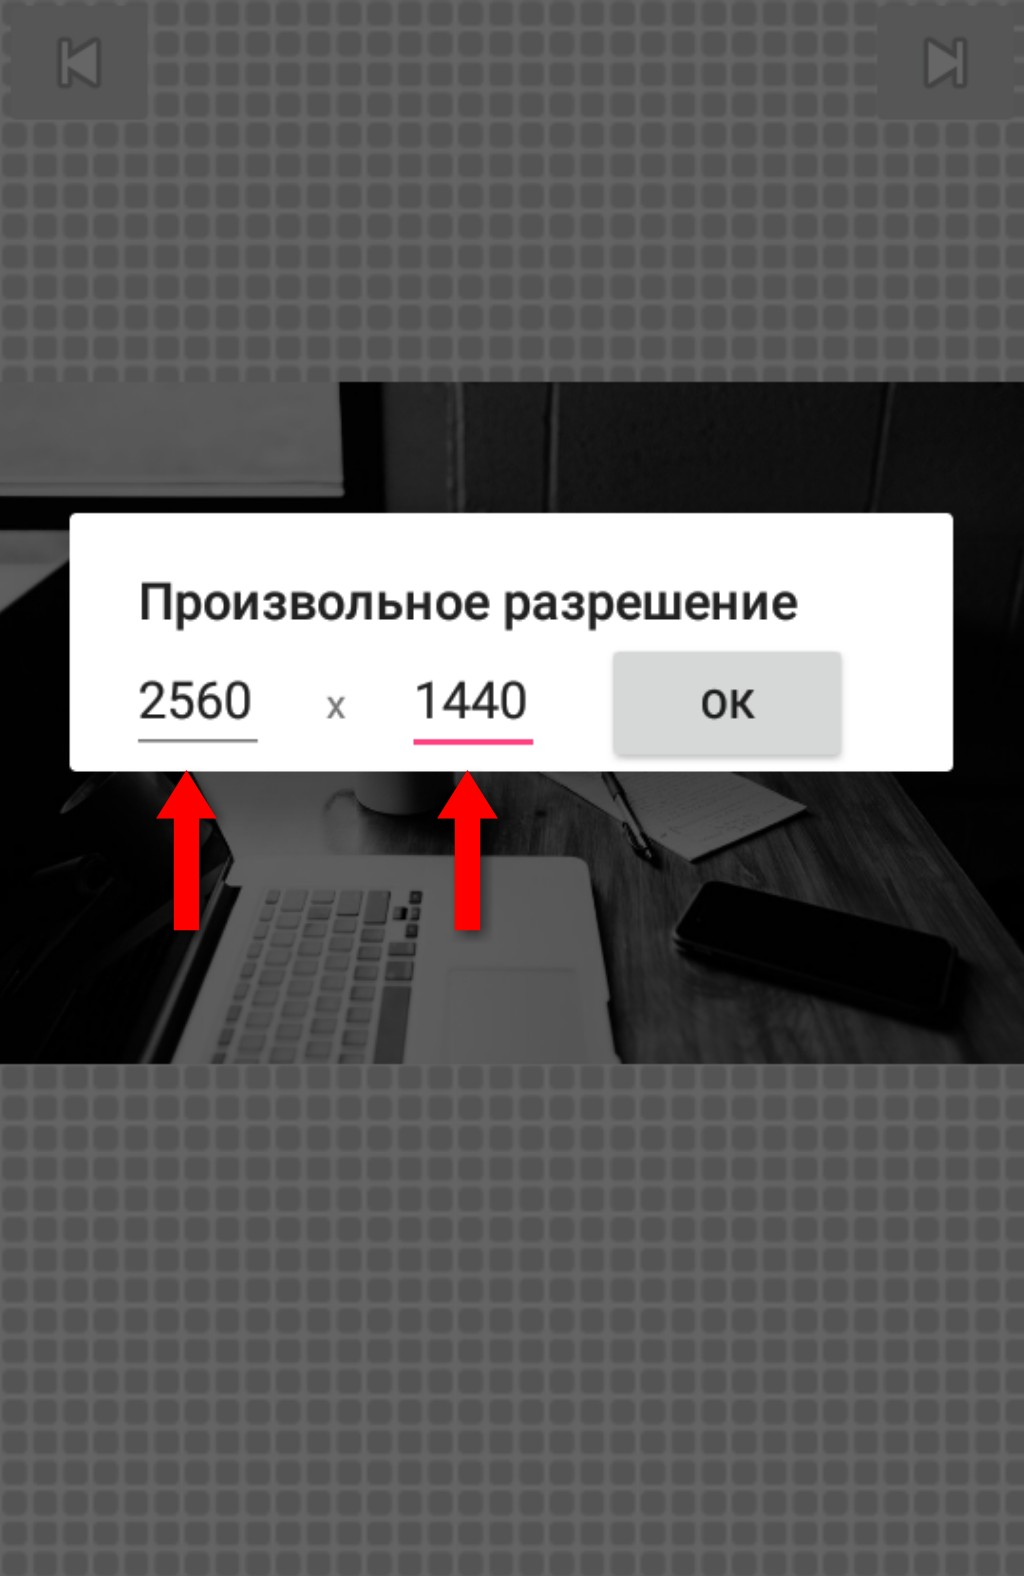 InFrame_1629669559319.jpg